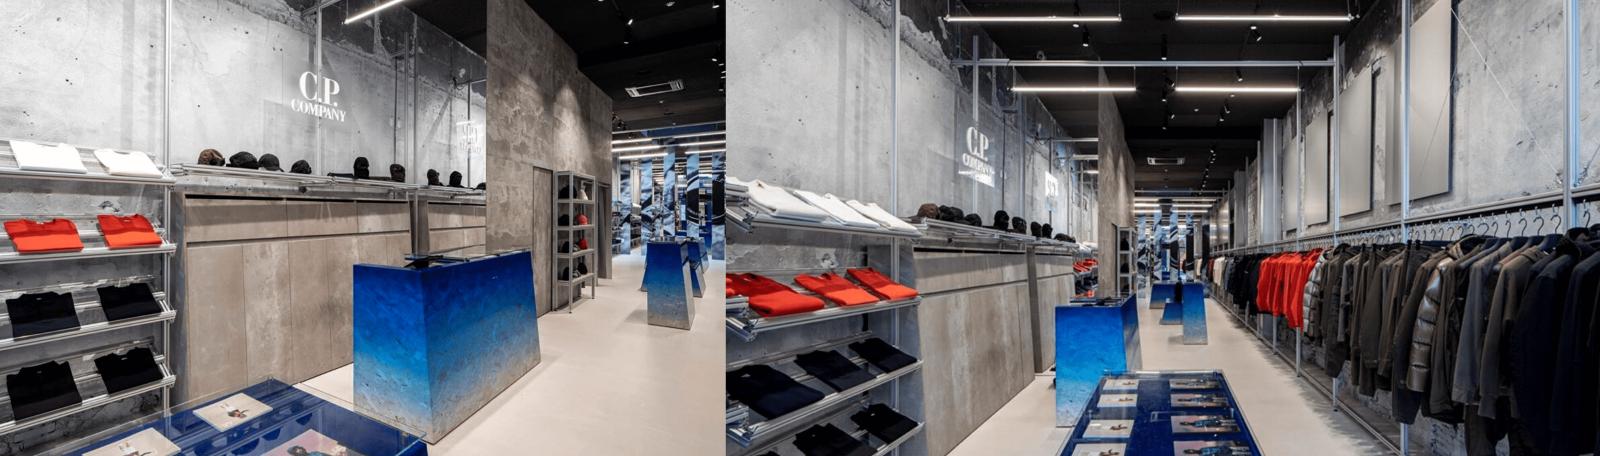 Открытие нового магазина C.P. Company /Нидерланды/